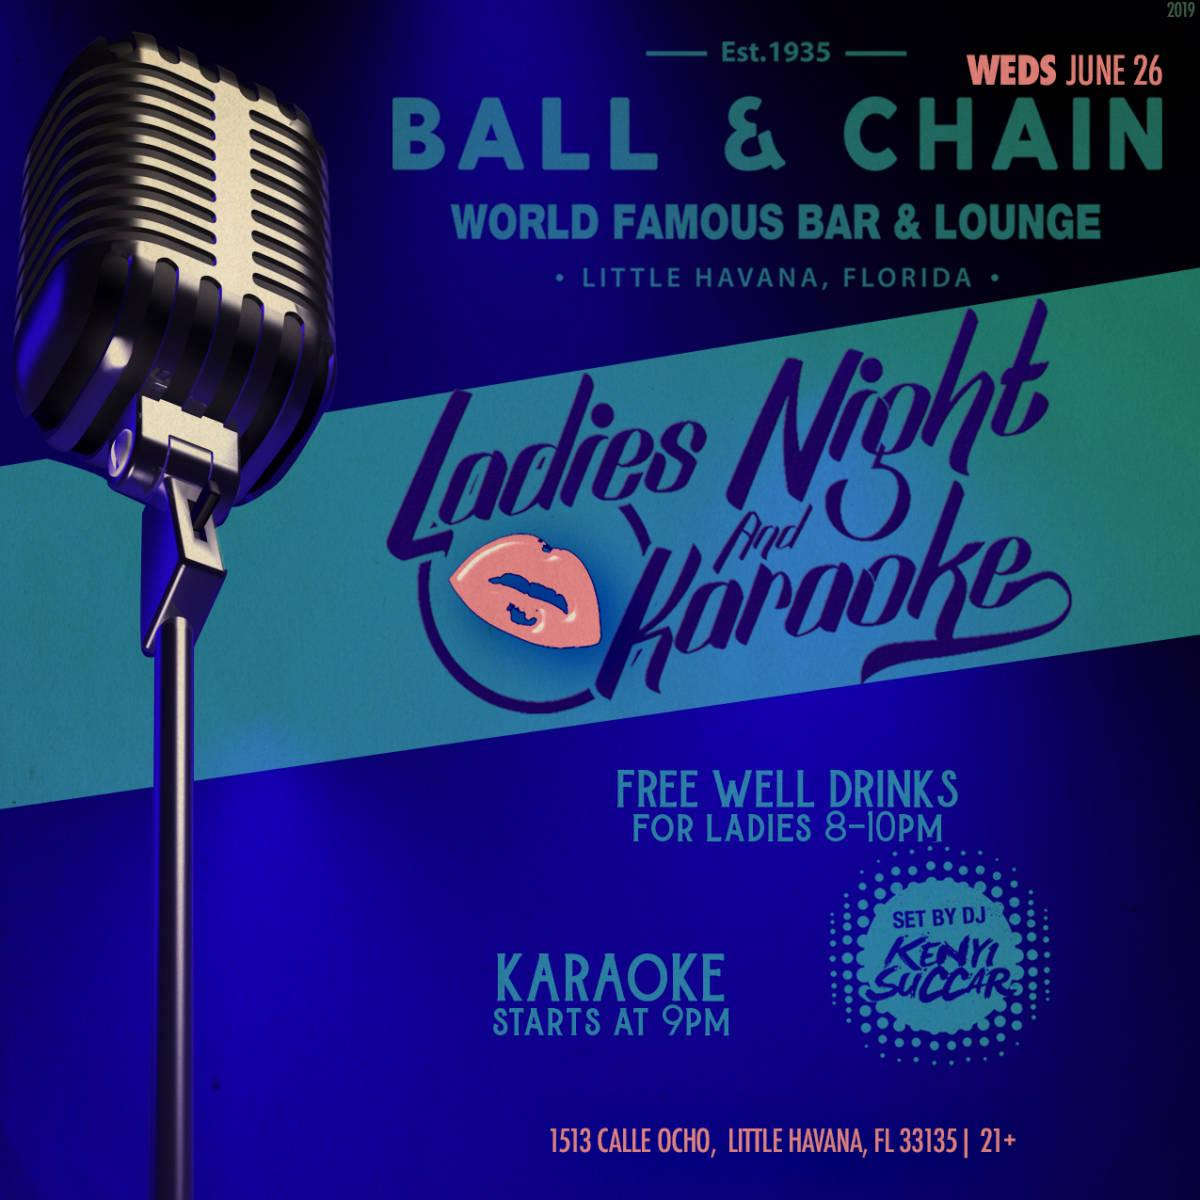 Ladies Night and Karaoke